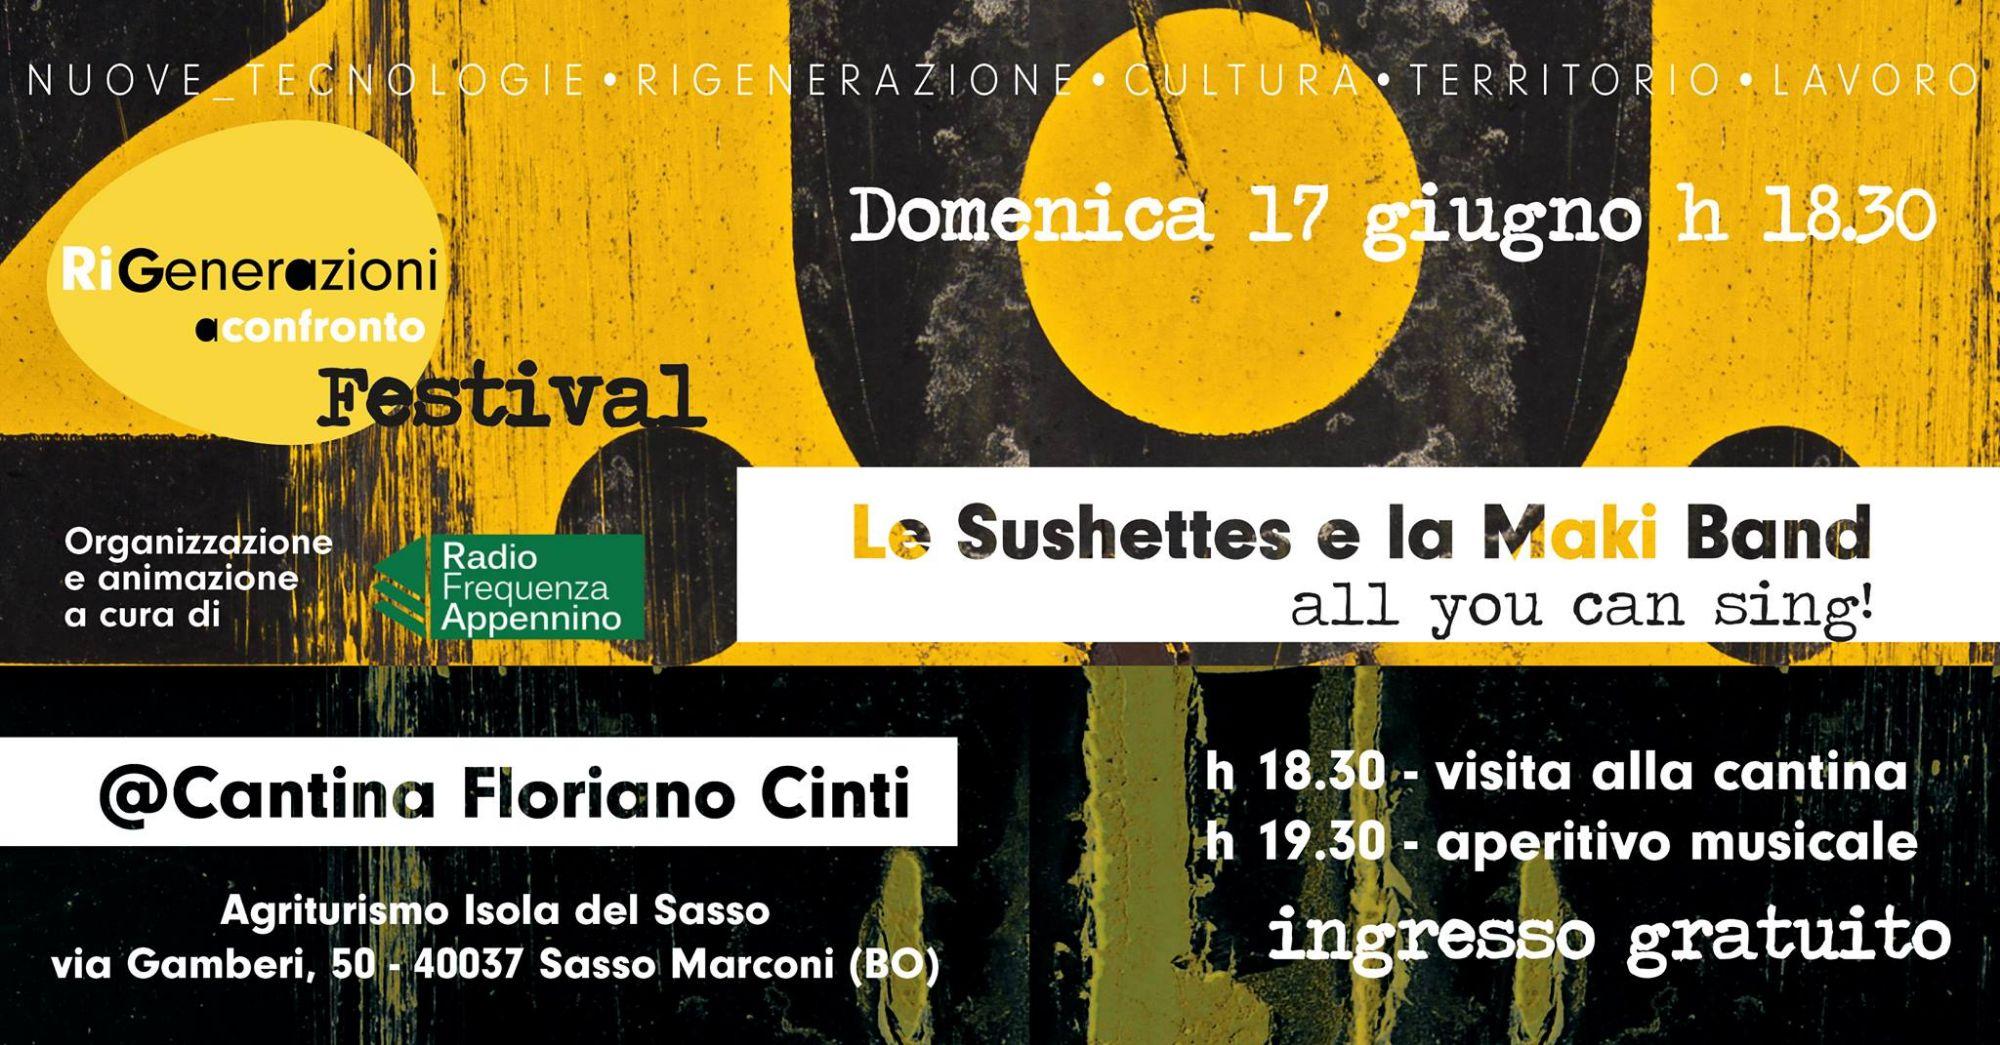 RiGenerazioni a Confronto Festival: Le Sushettes & la Maki Band